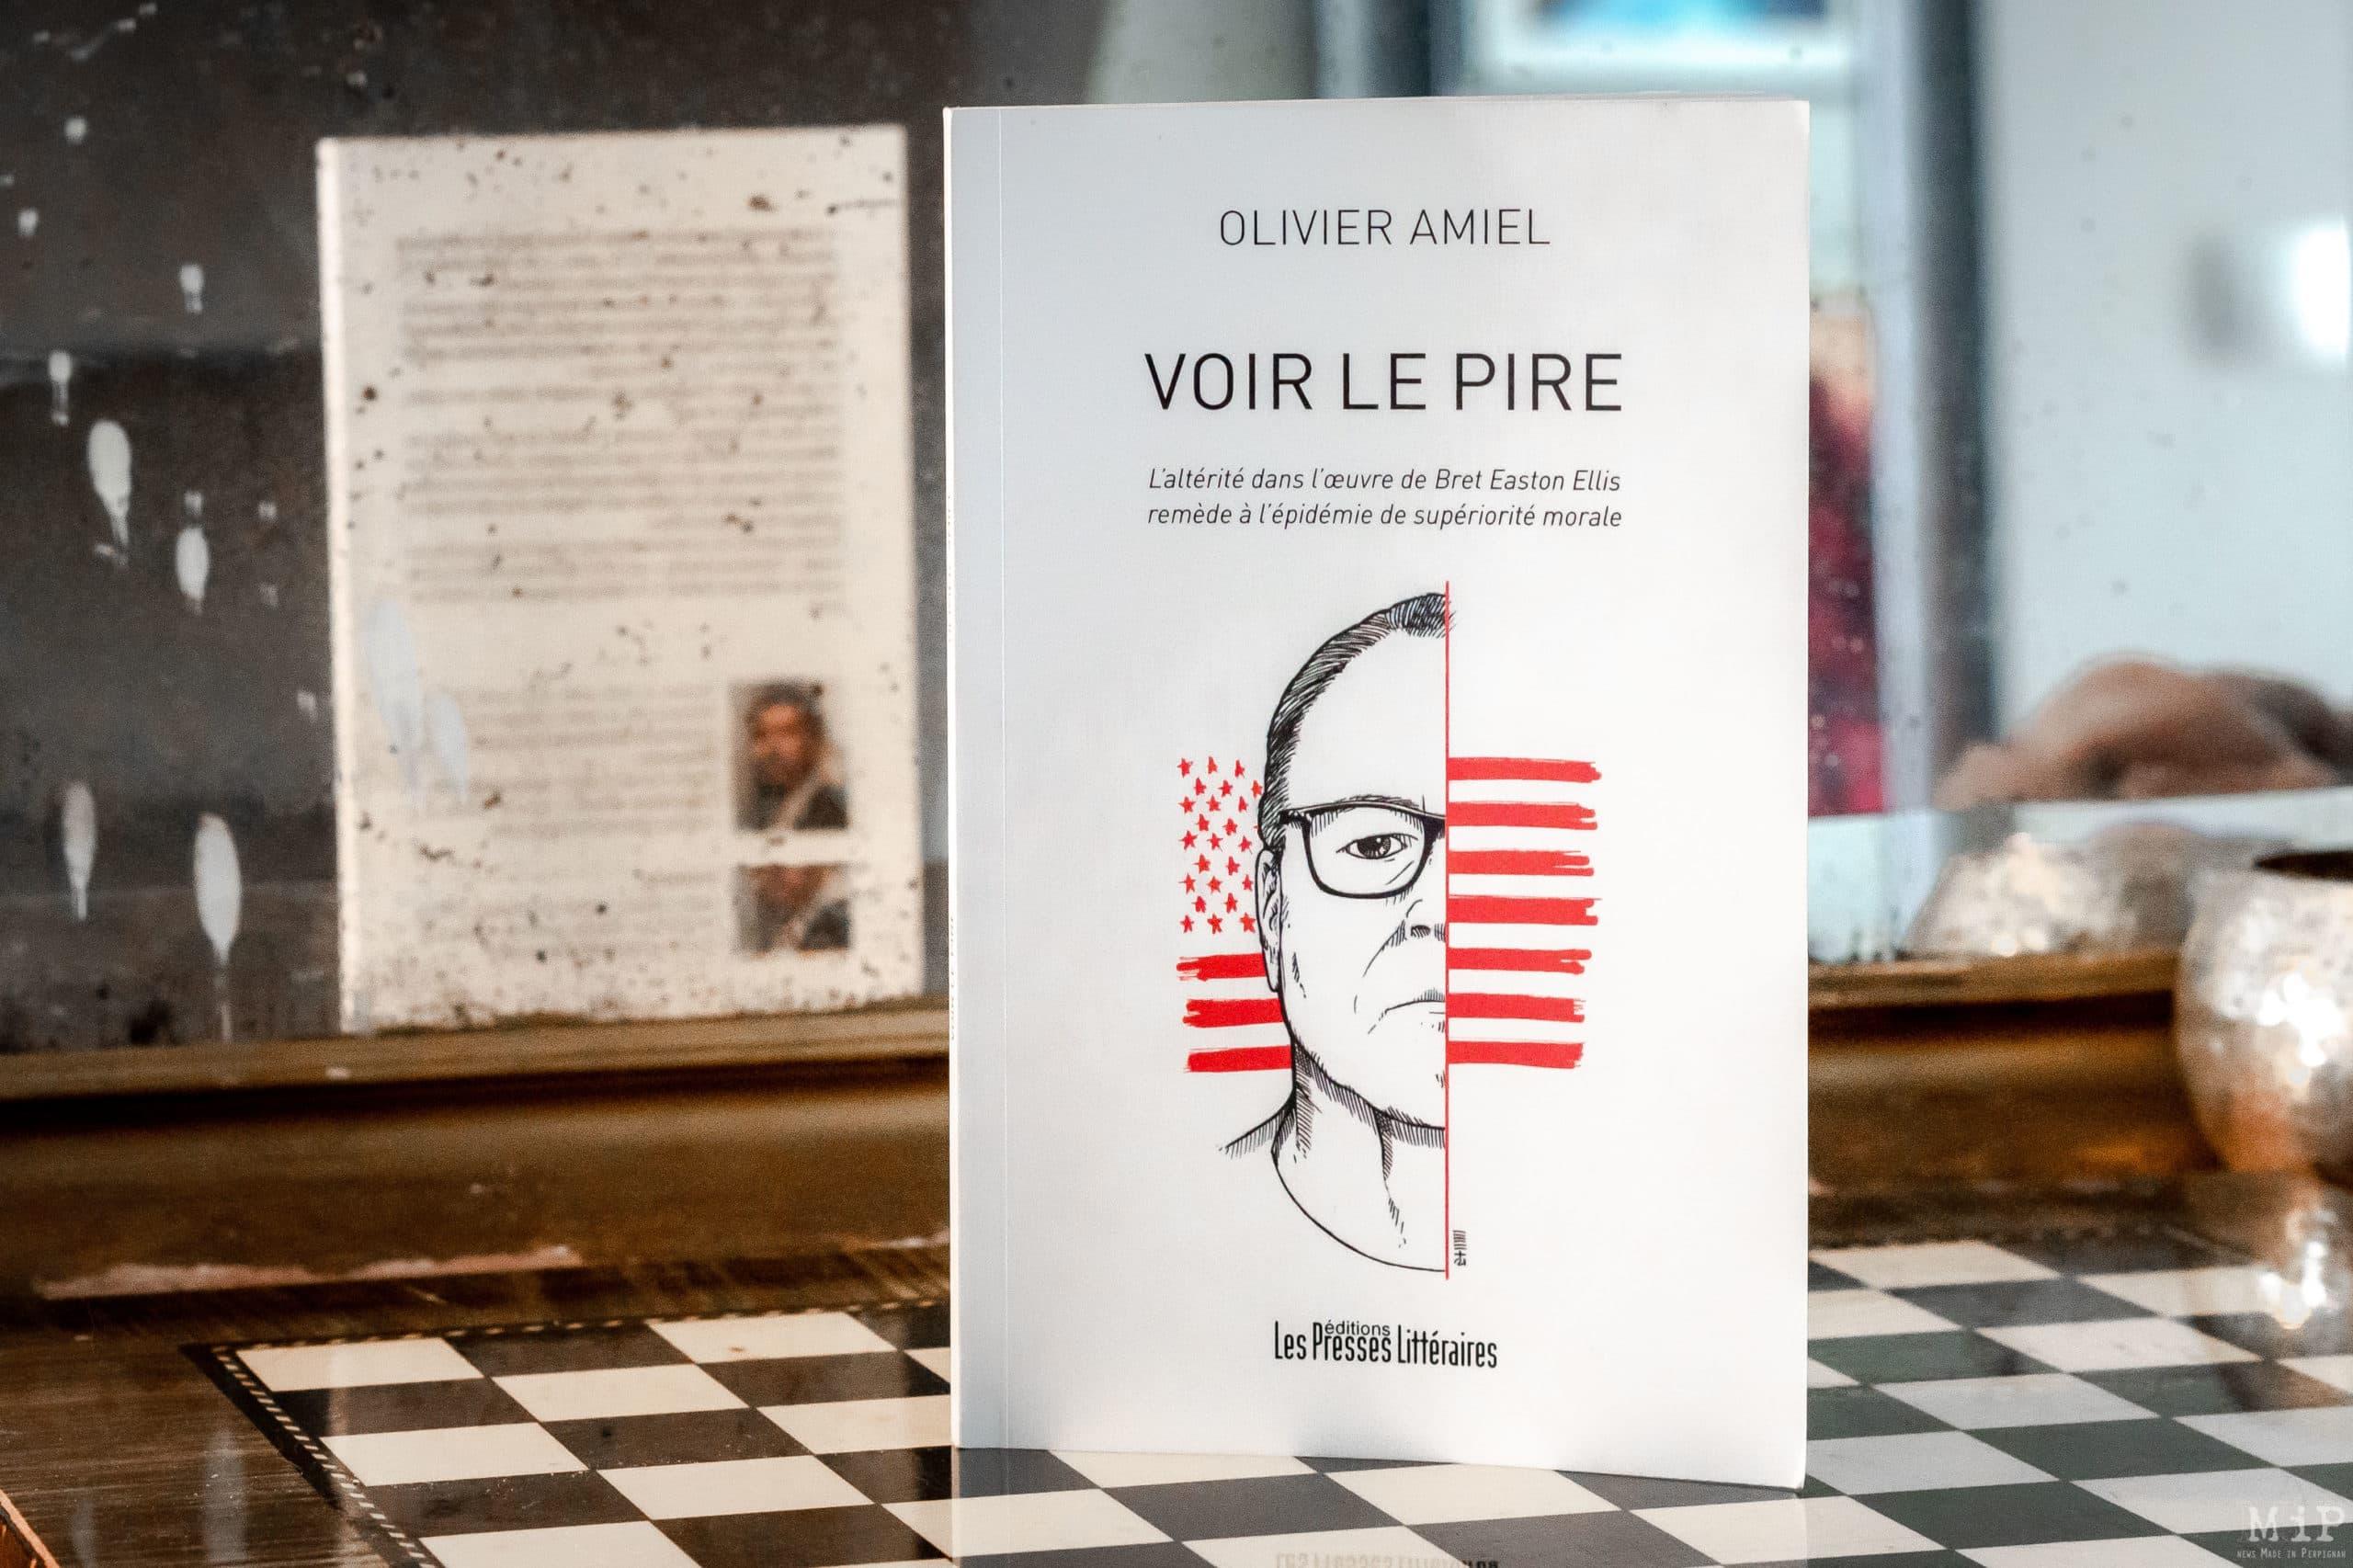 27/04/2021, Perpignan, France, Olivier Amiel - Voir le pire © Arnaud Le Vu / MiP